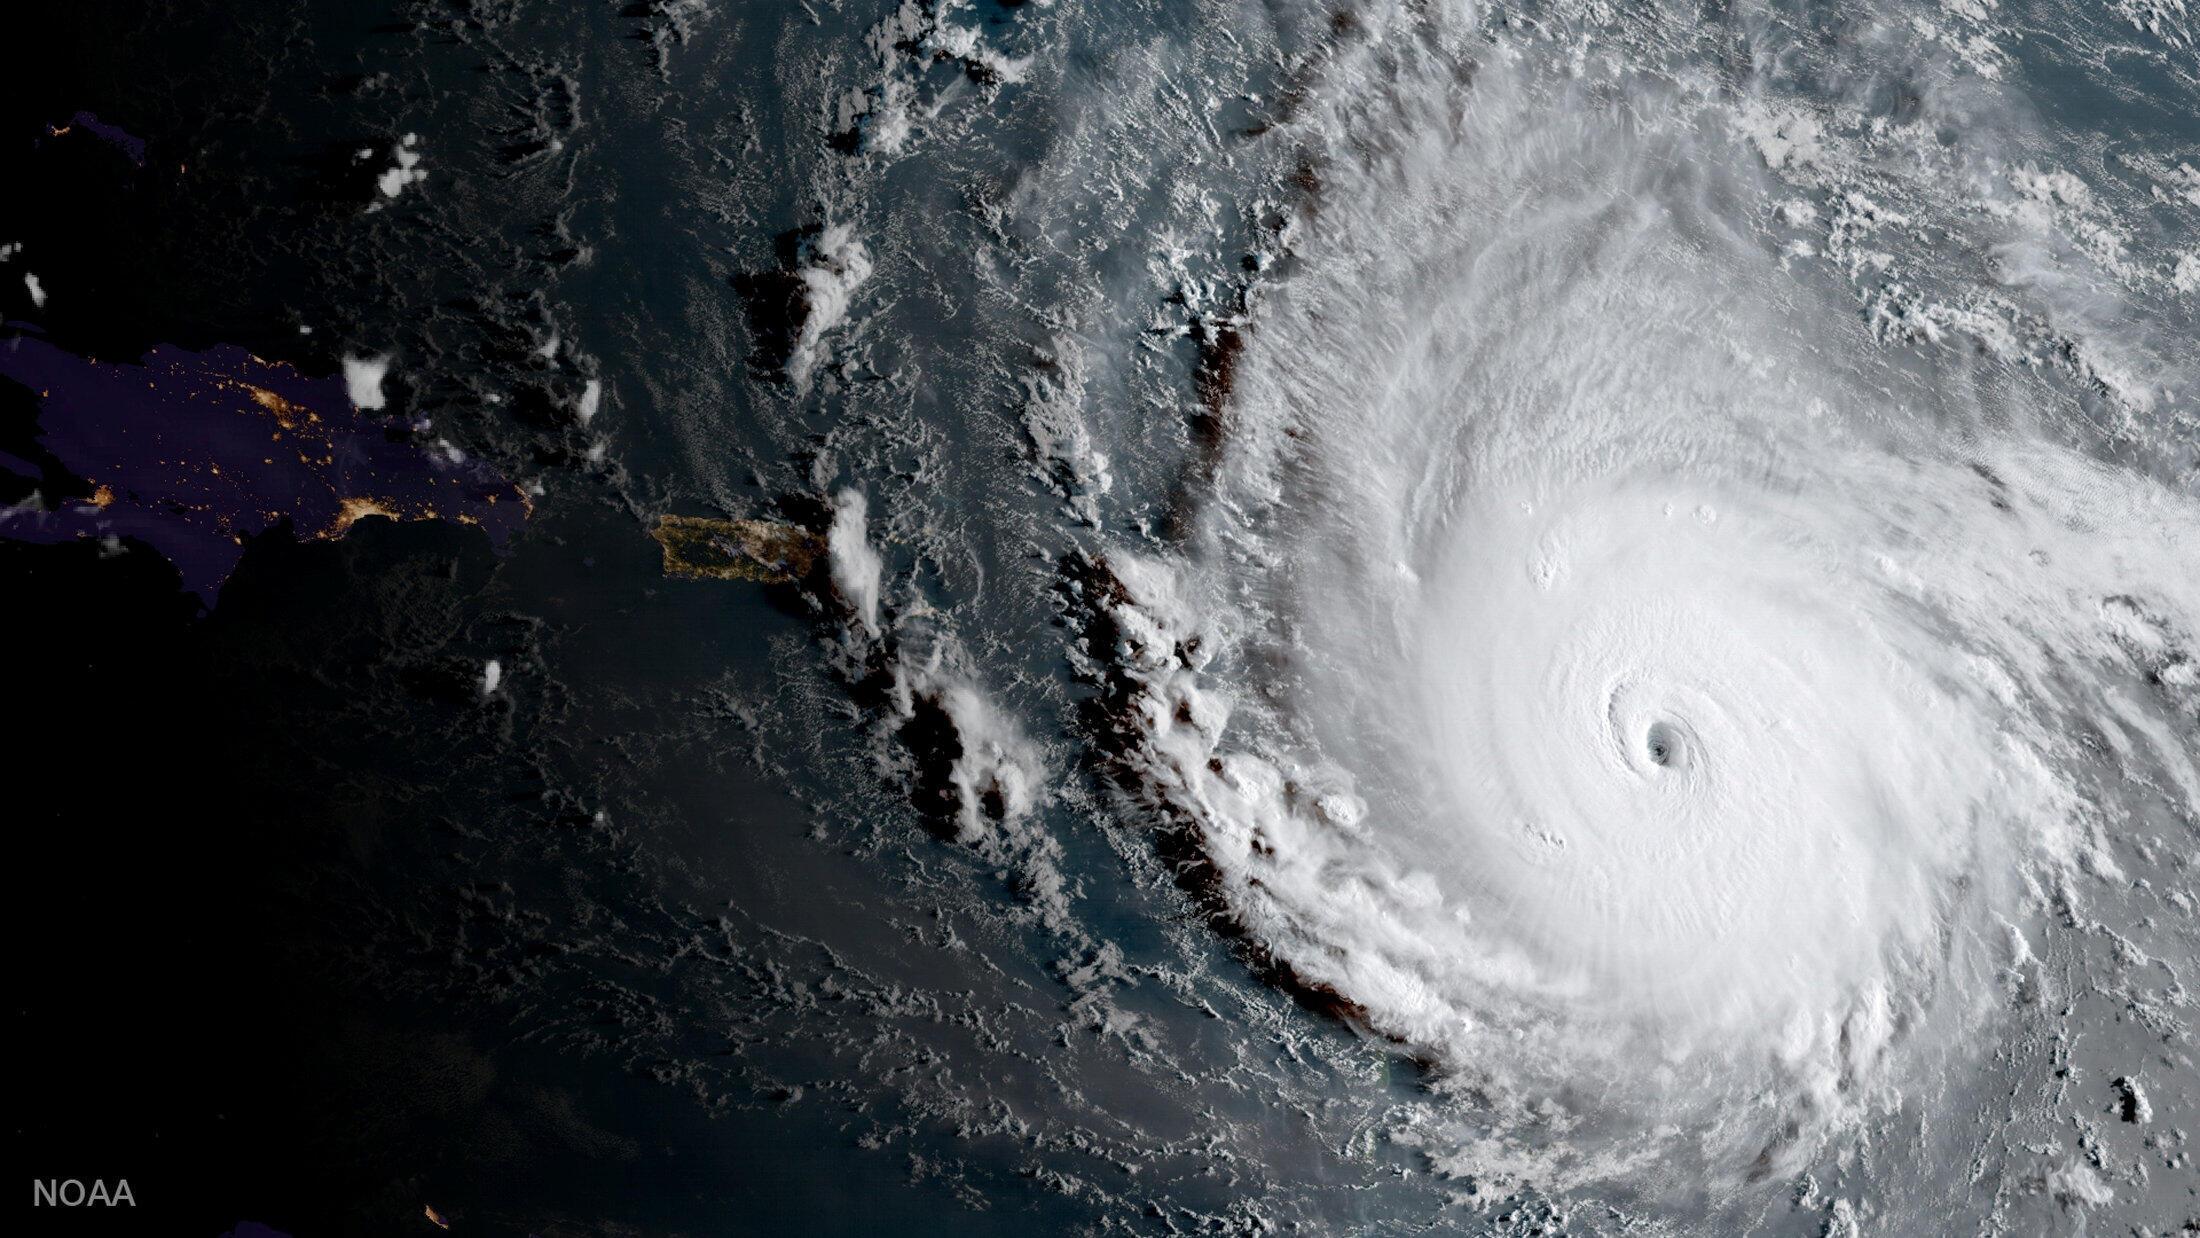 دامنۀ طوفان ایرما معادل مساحت فرانسه برآورد شده است - تصویر ماهواره، روز ۵ سپتامبر